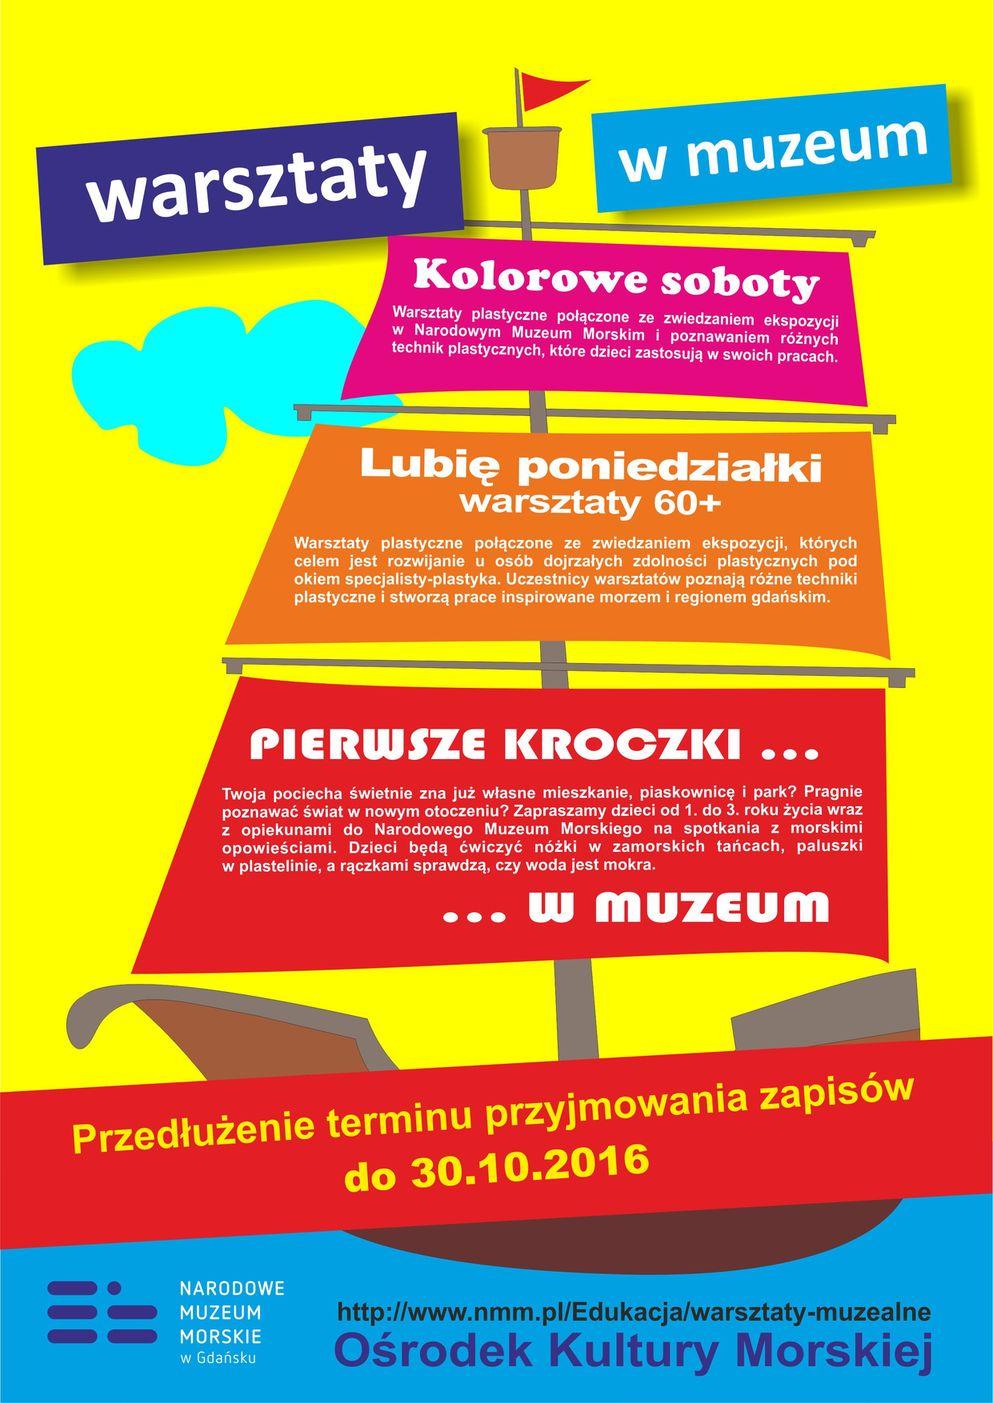 warsztaty-okm-10-2016